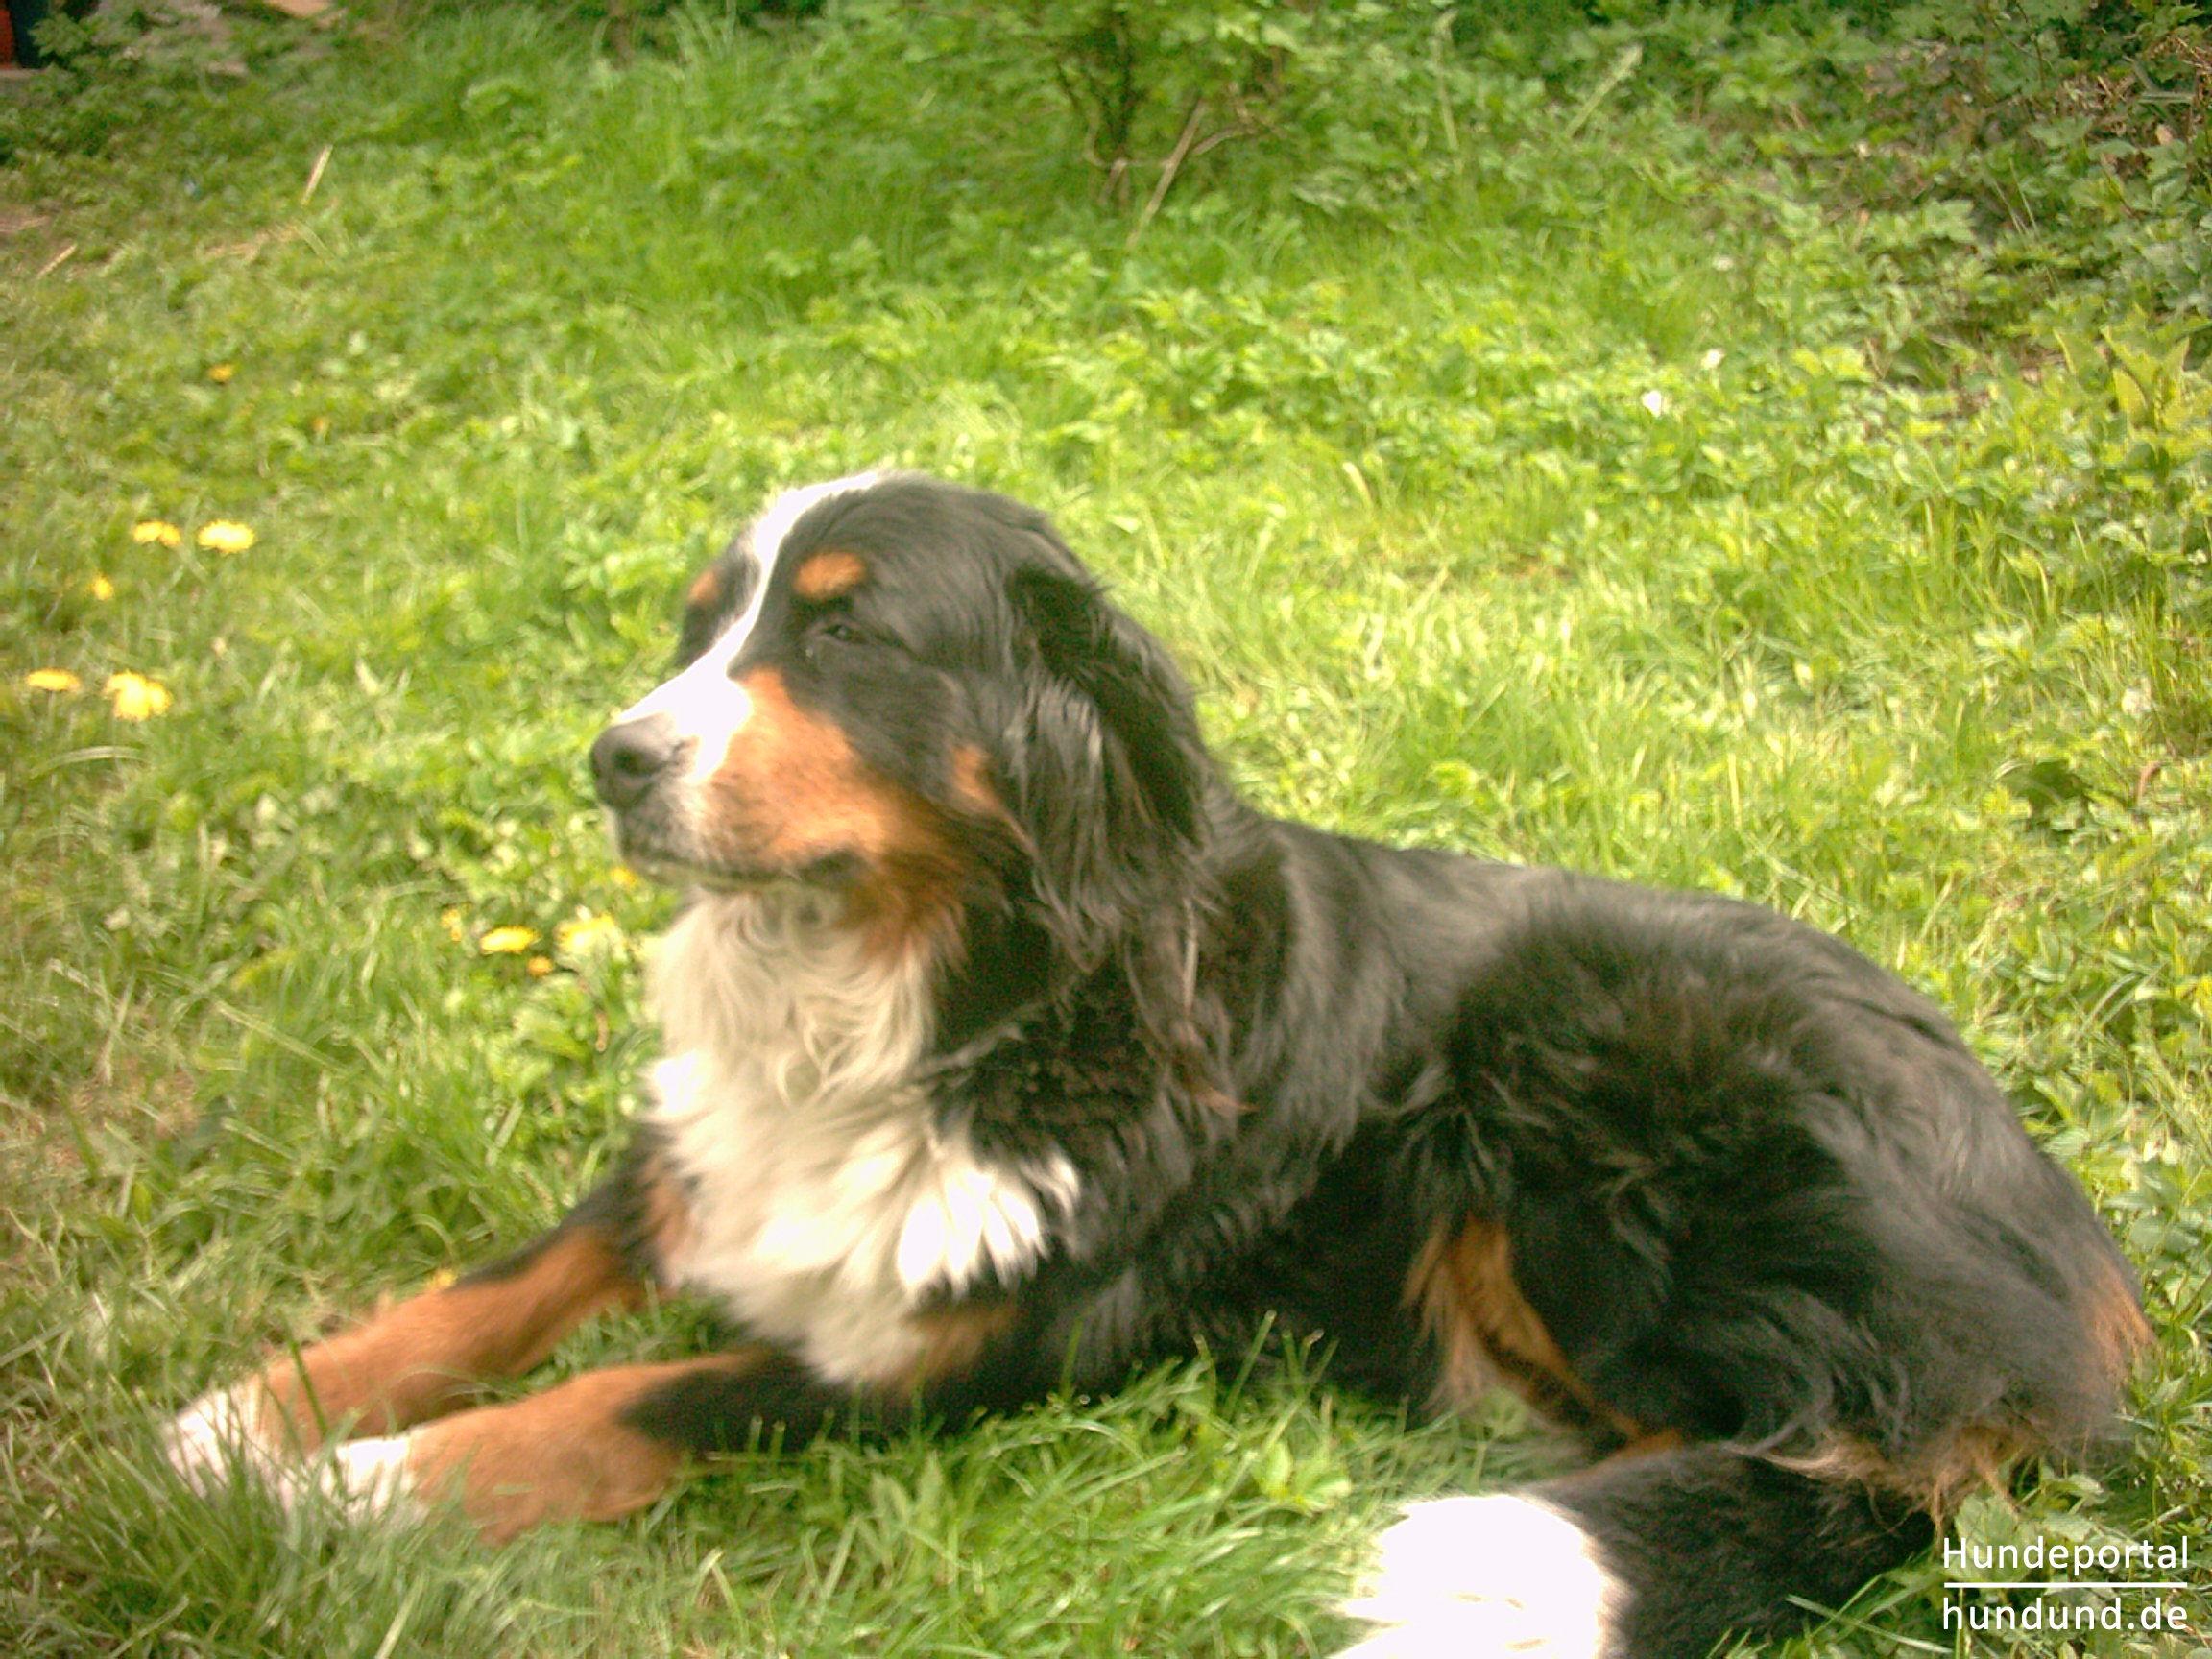 Malerisch Schöne Hunderassen Ideen Von Berner Sennenhund Ah, Ein Schönes Sonnenbad Ist